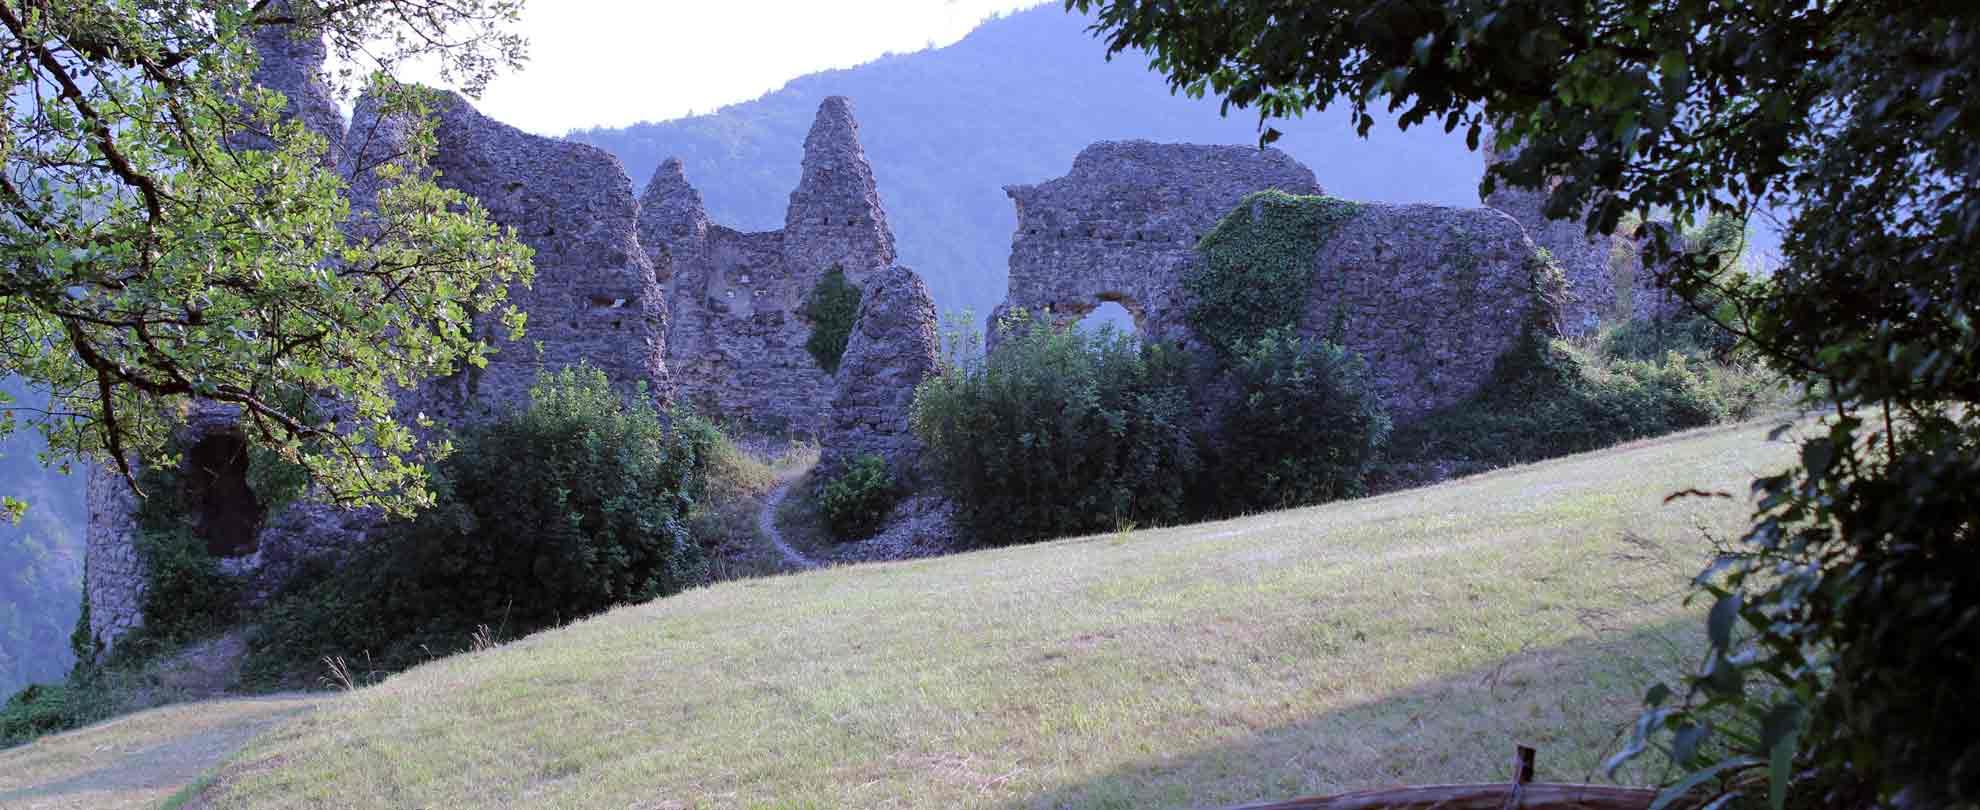 Montessoro, vista sito